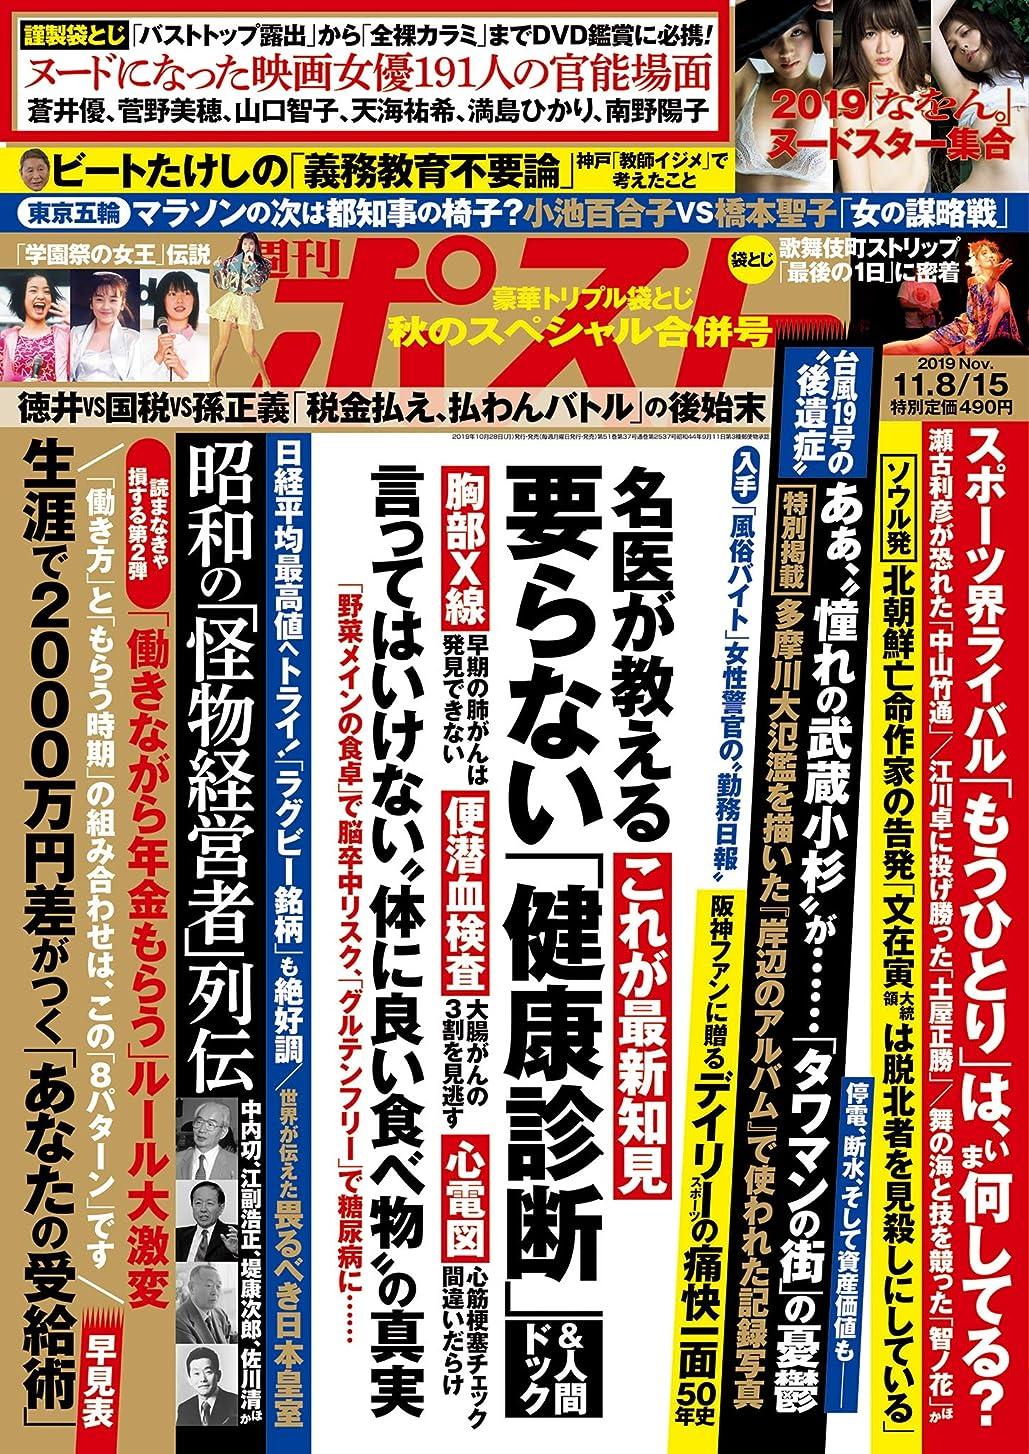 お尻マングルディーラー週刊ポスト 2019年 11月8日?15日号 [雑誌]